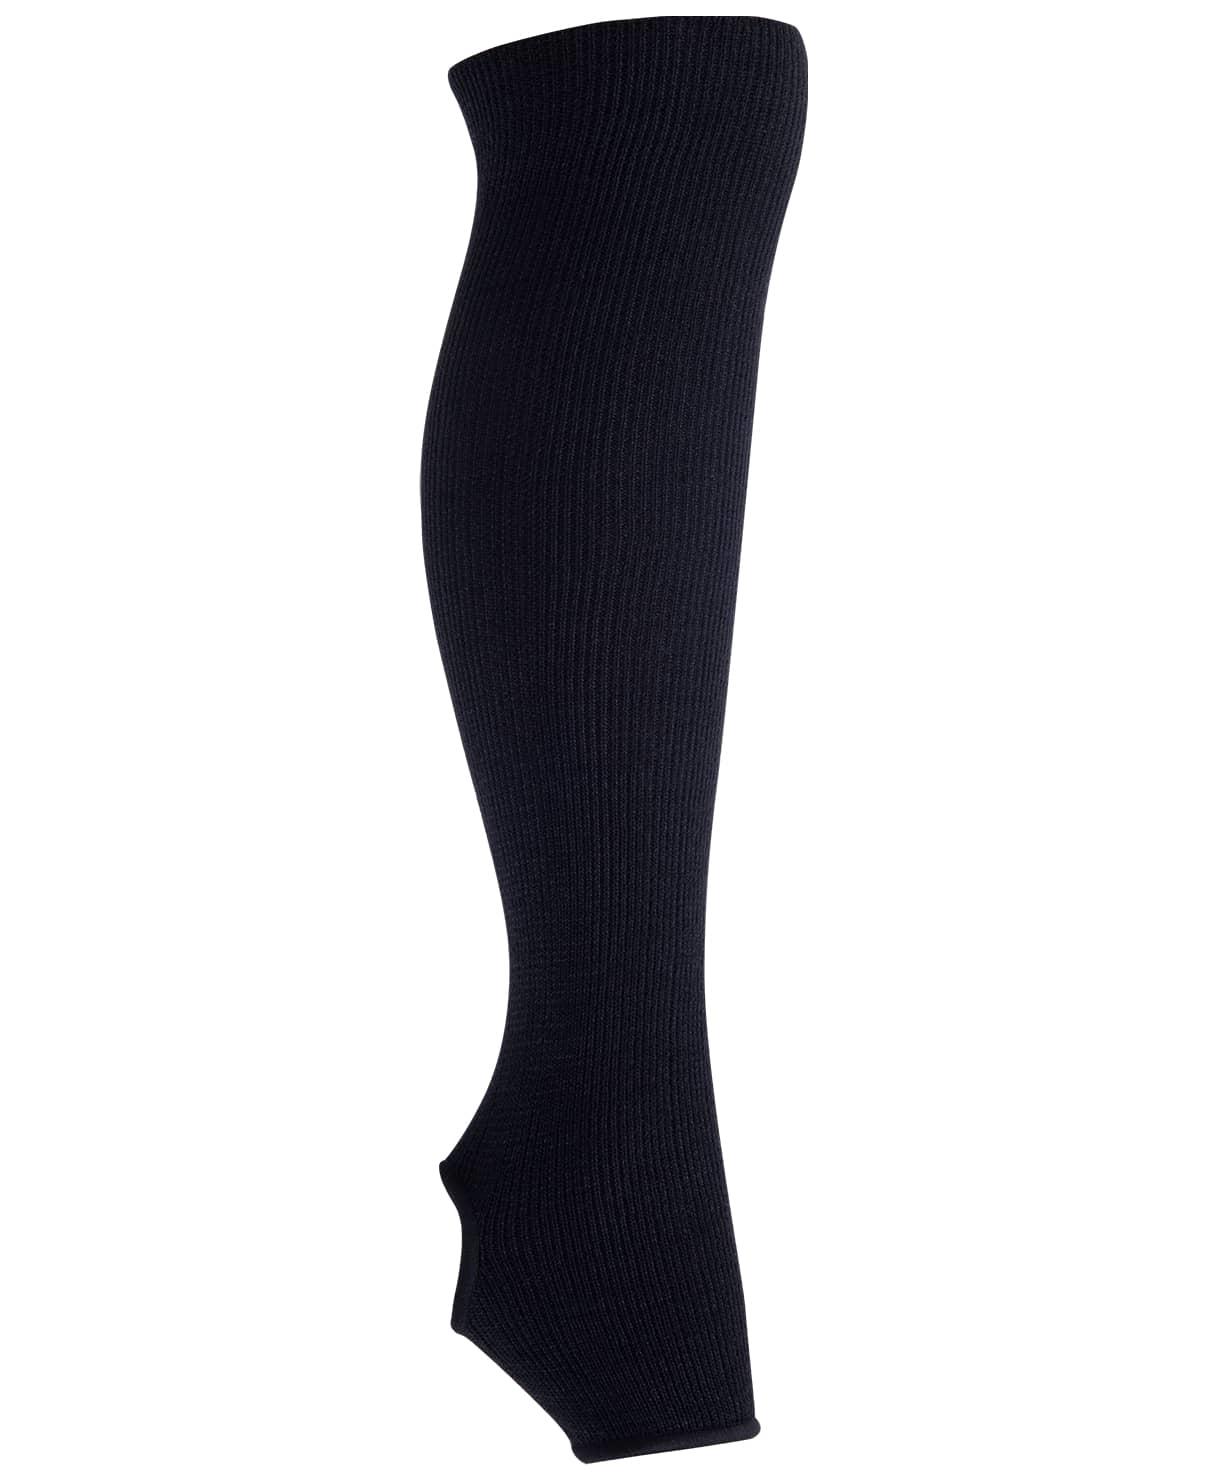 Гетры гимнастические разогревочные Stella Black, шерсть, 40 см